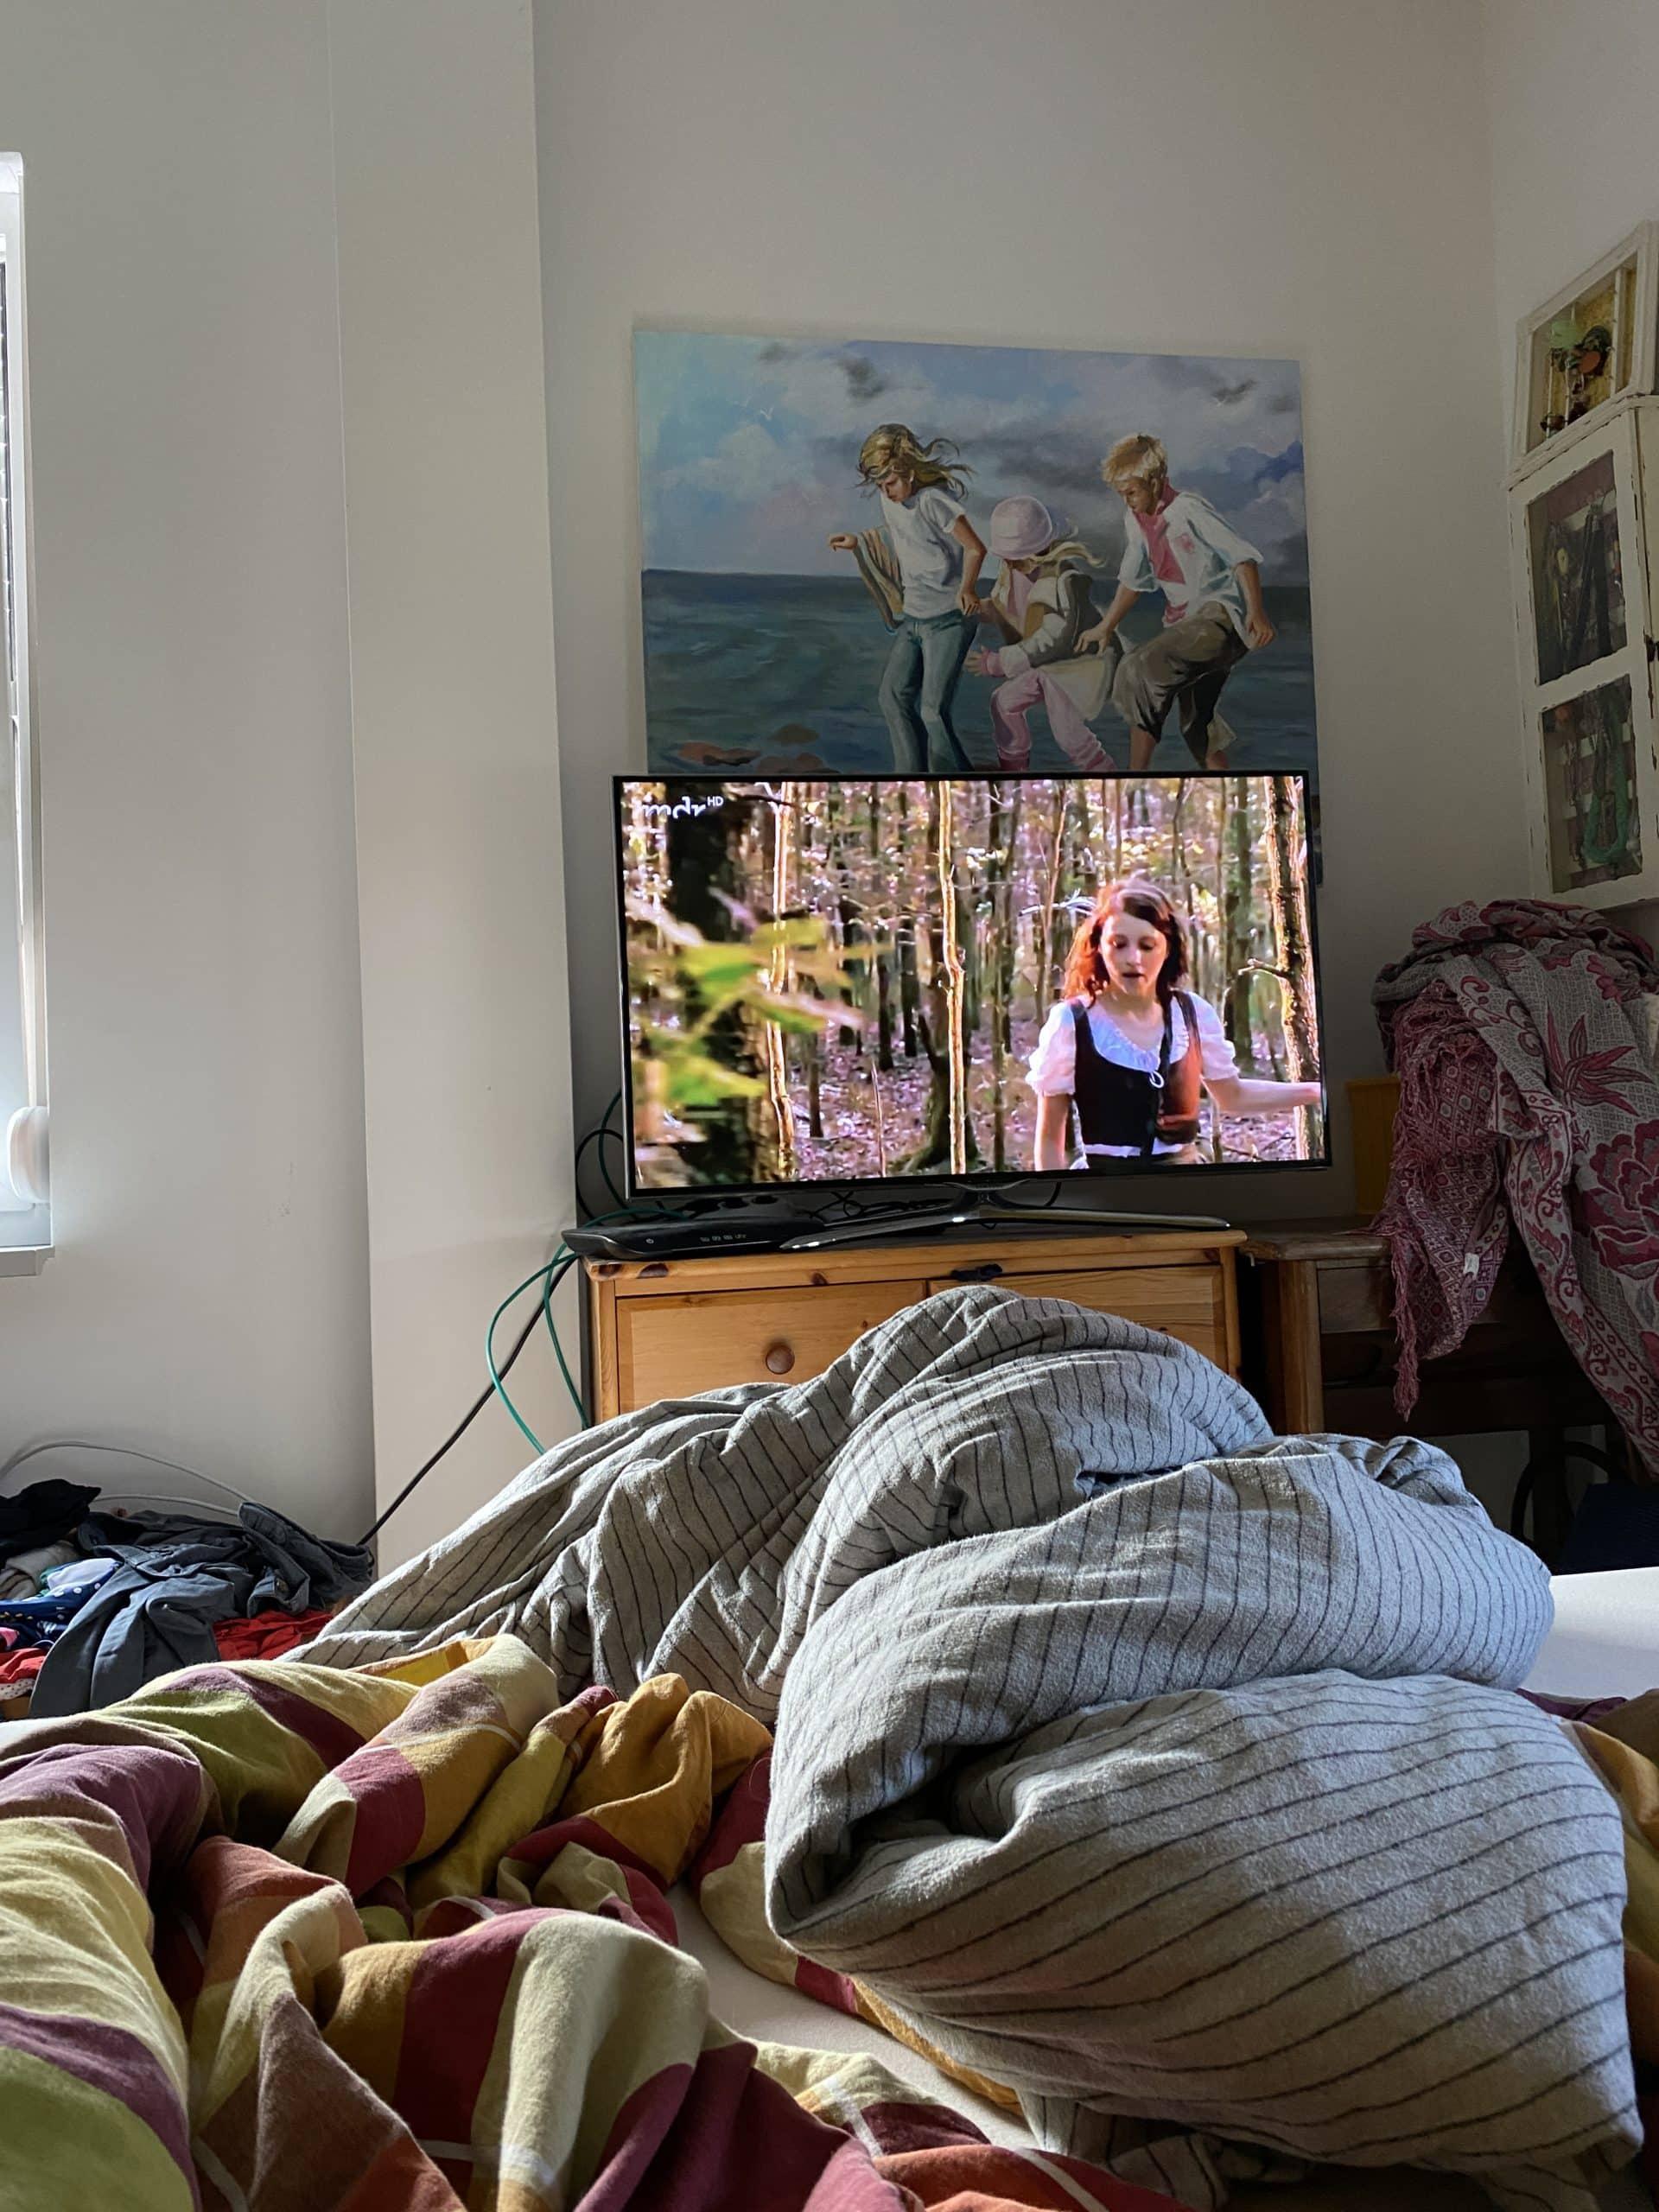 Der Tag beginnt mit einem Märchenfilm im Bett.